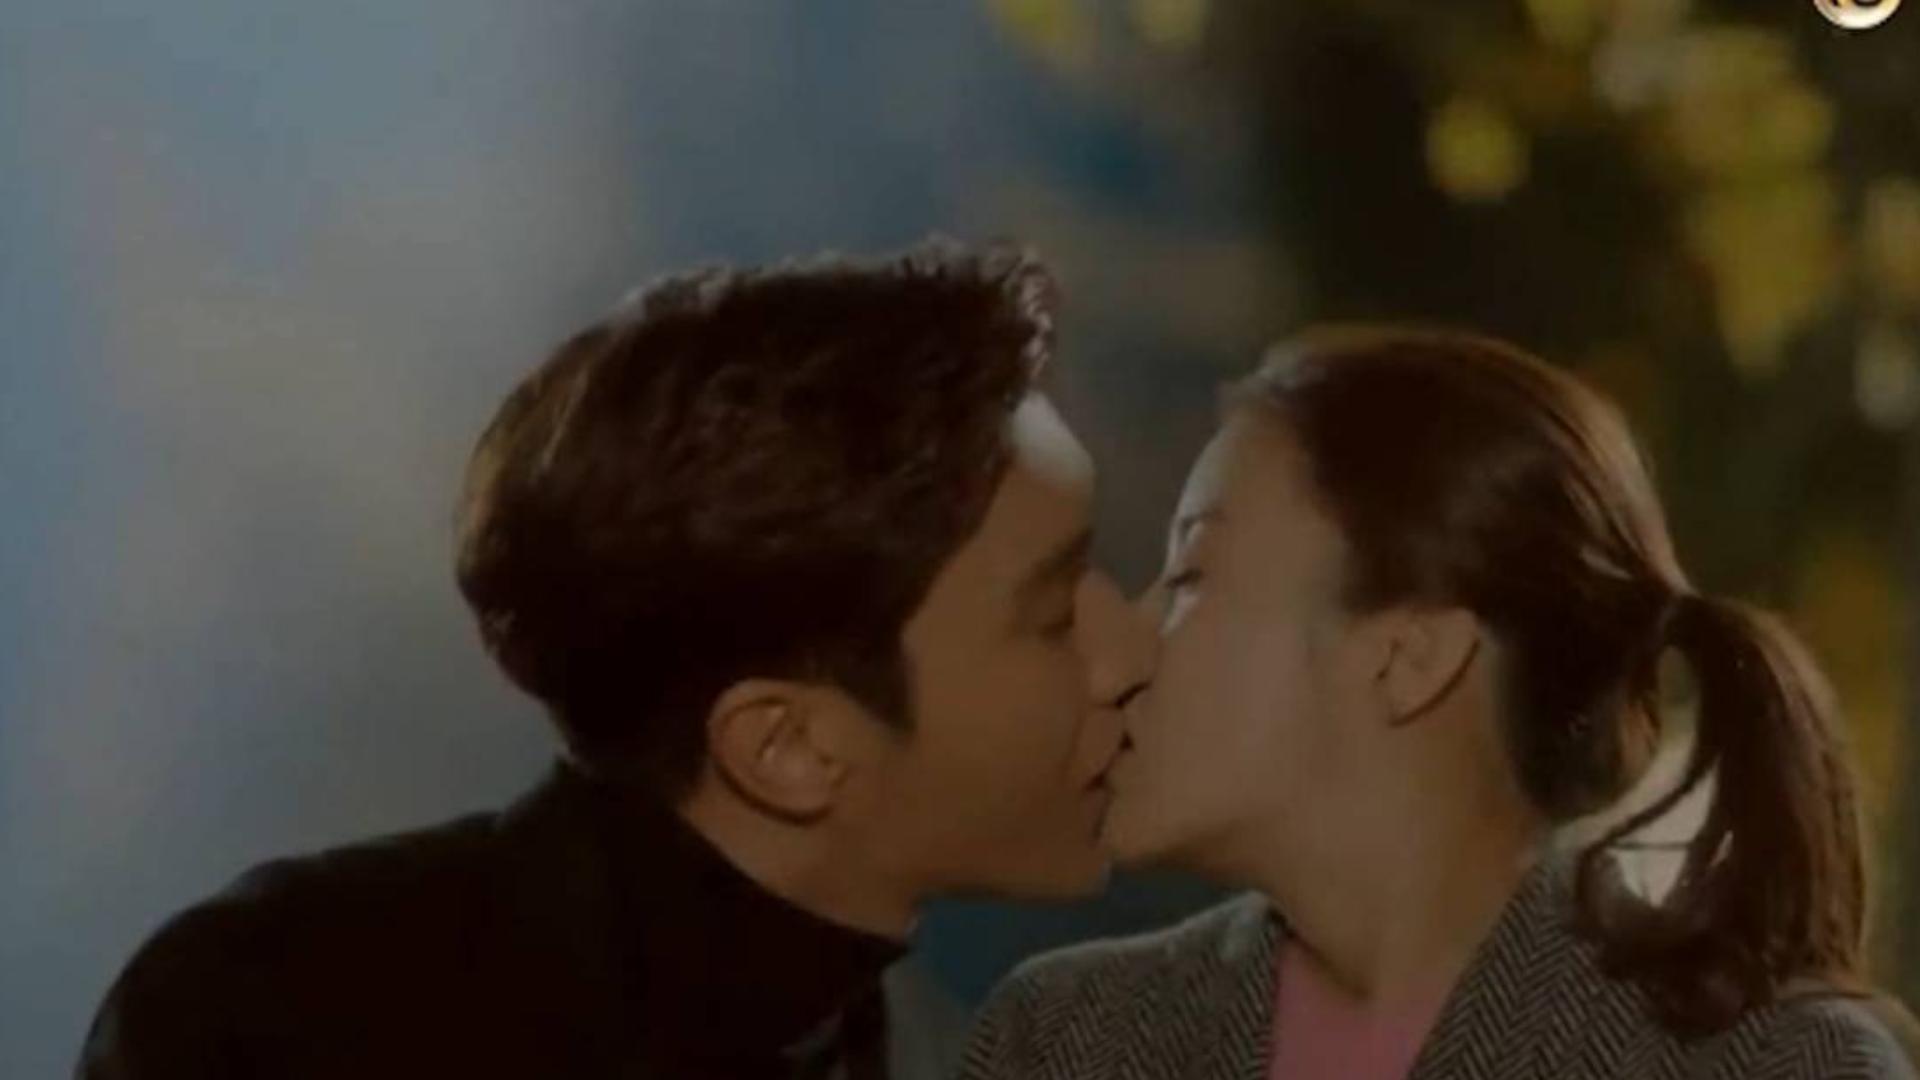 「高能+高甜吻戏合集」接吻的时候搂腰还牵手真是太撩了,吻技了得,苏到没边!